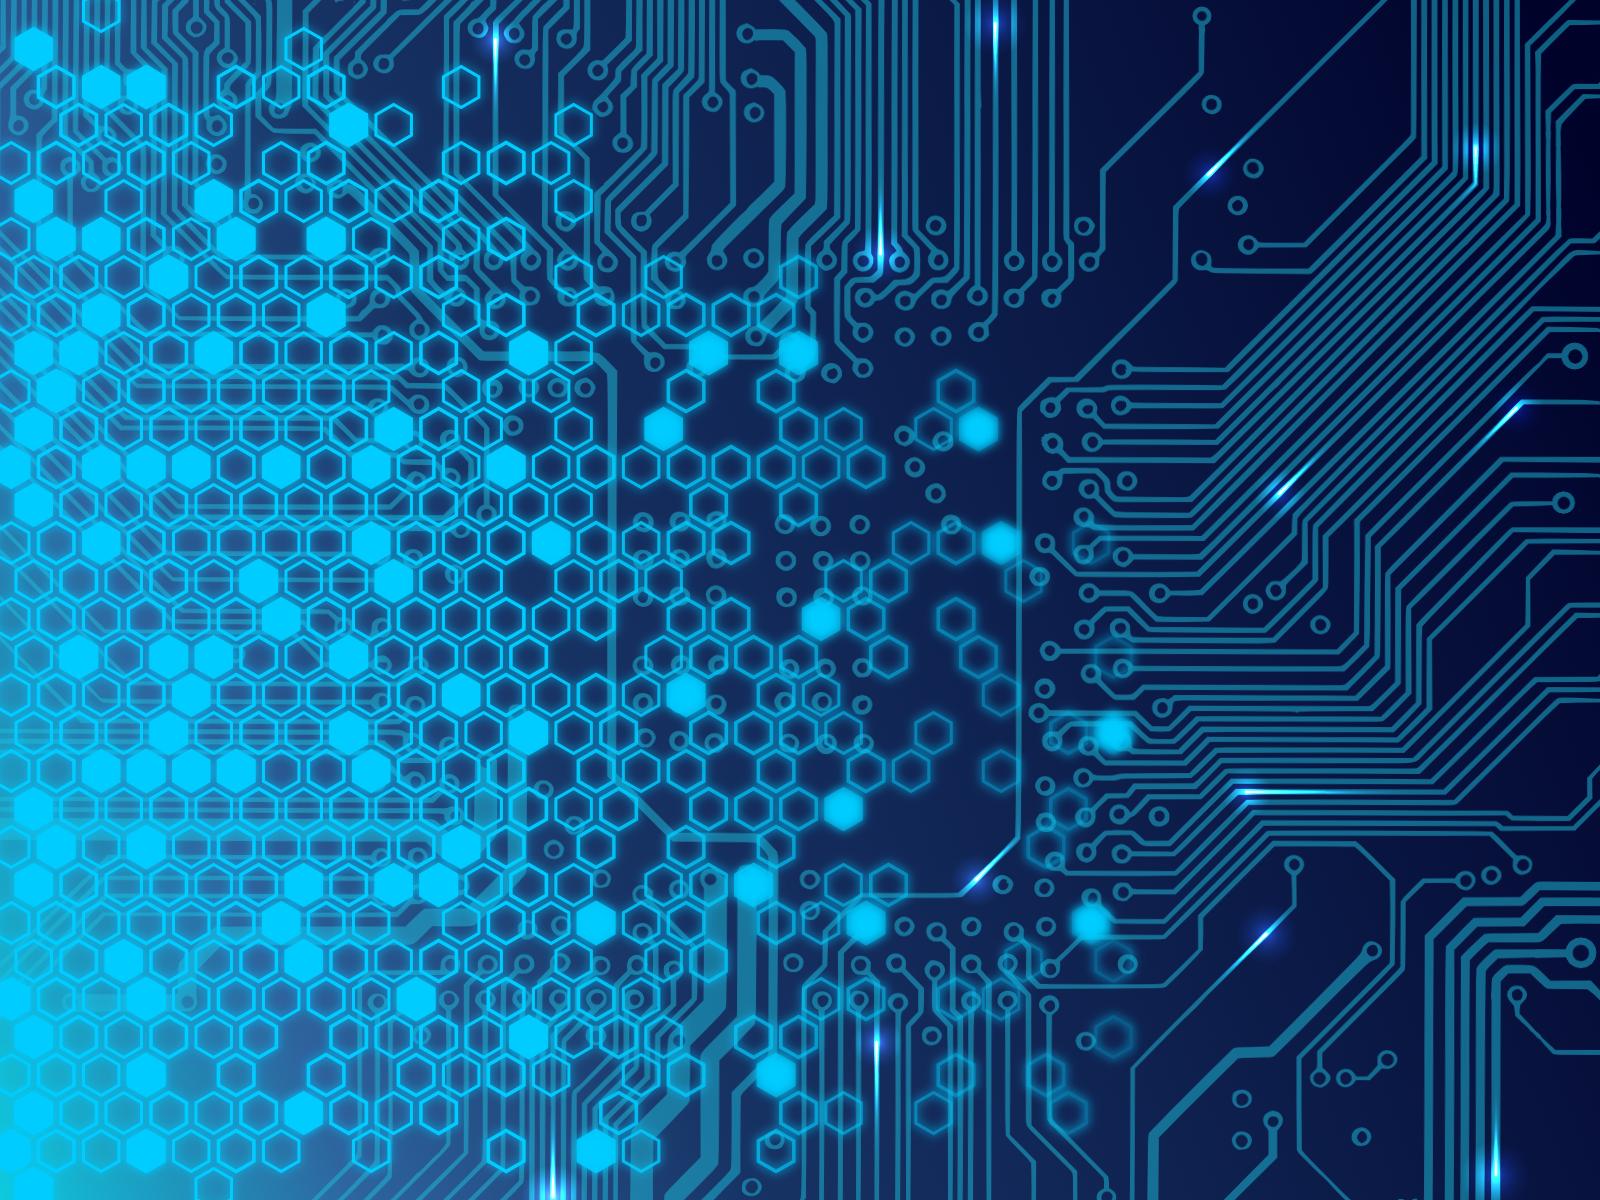 تاریخچه علم الکترونیک از آغاز قرن بیستم